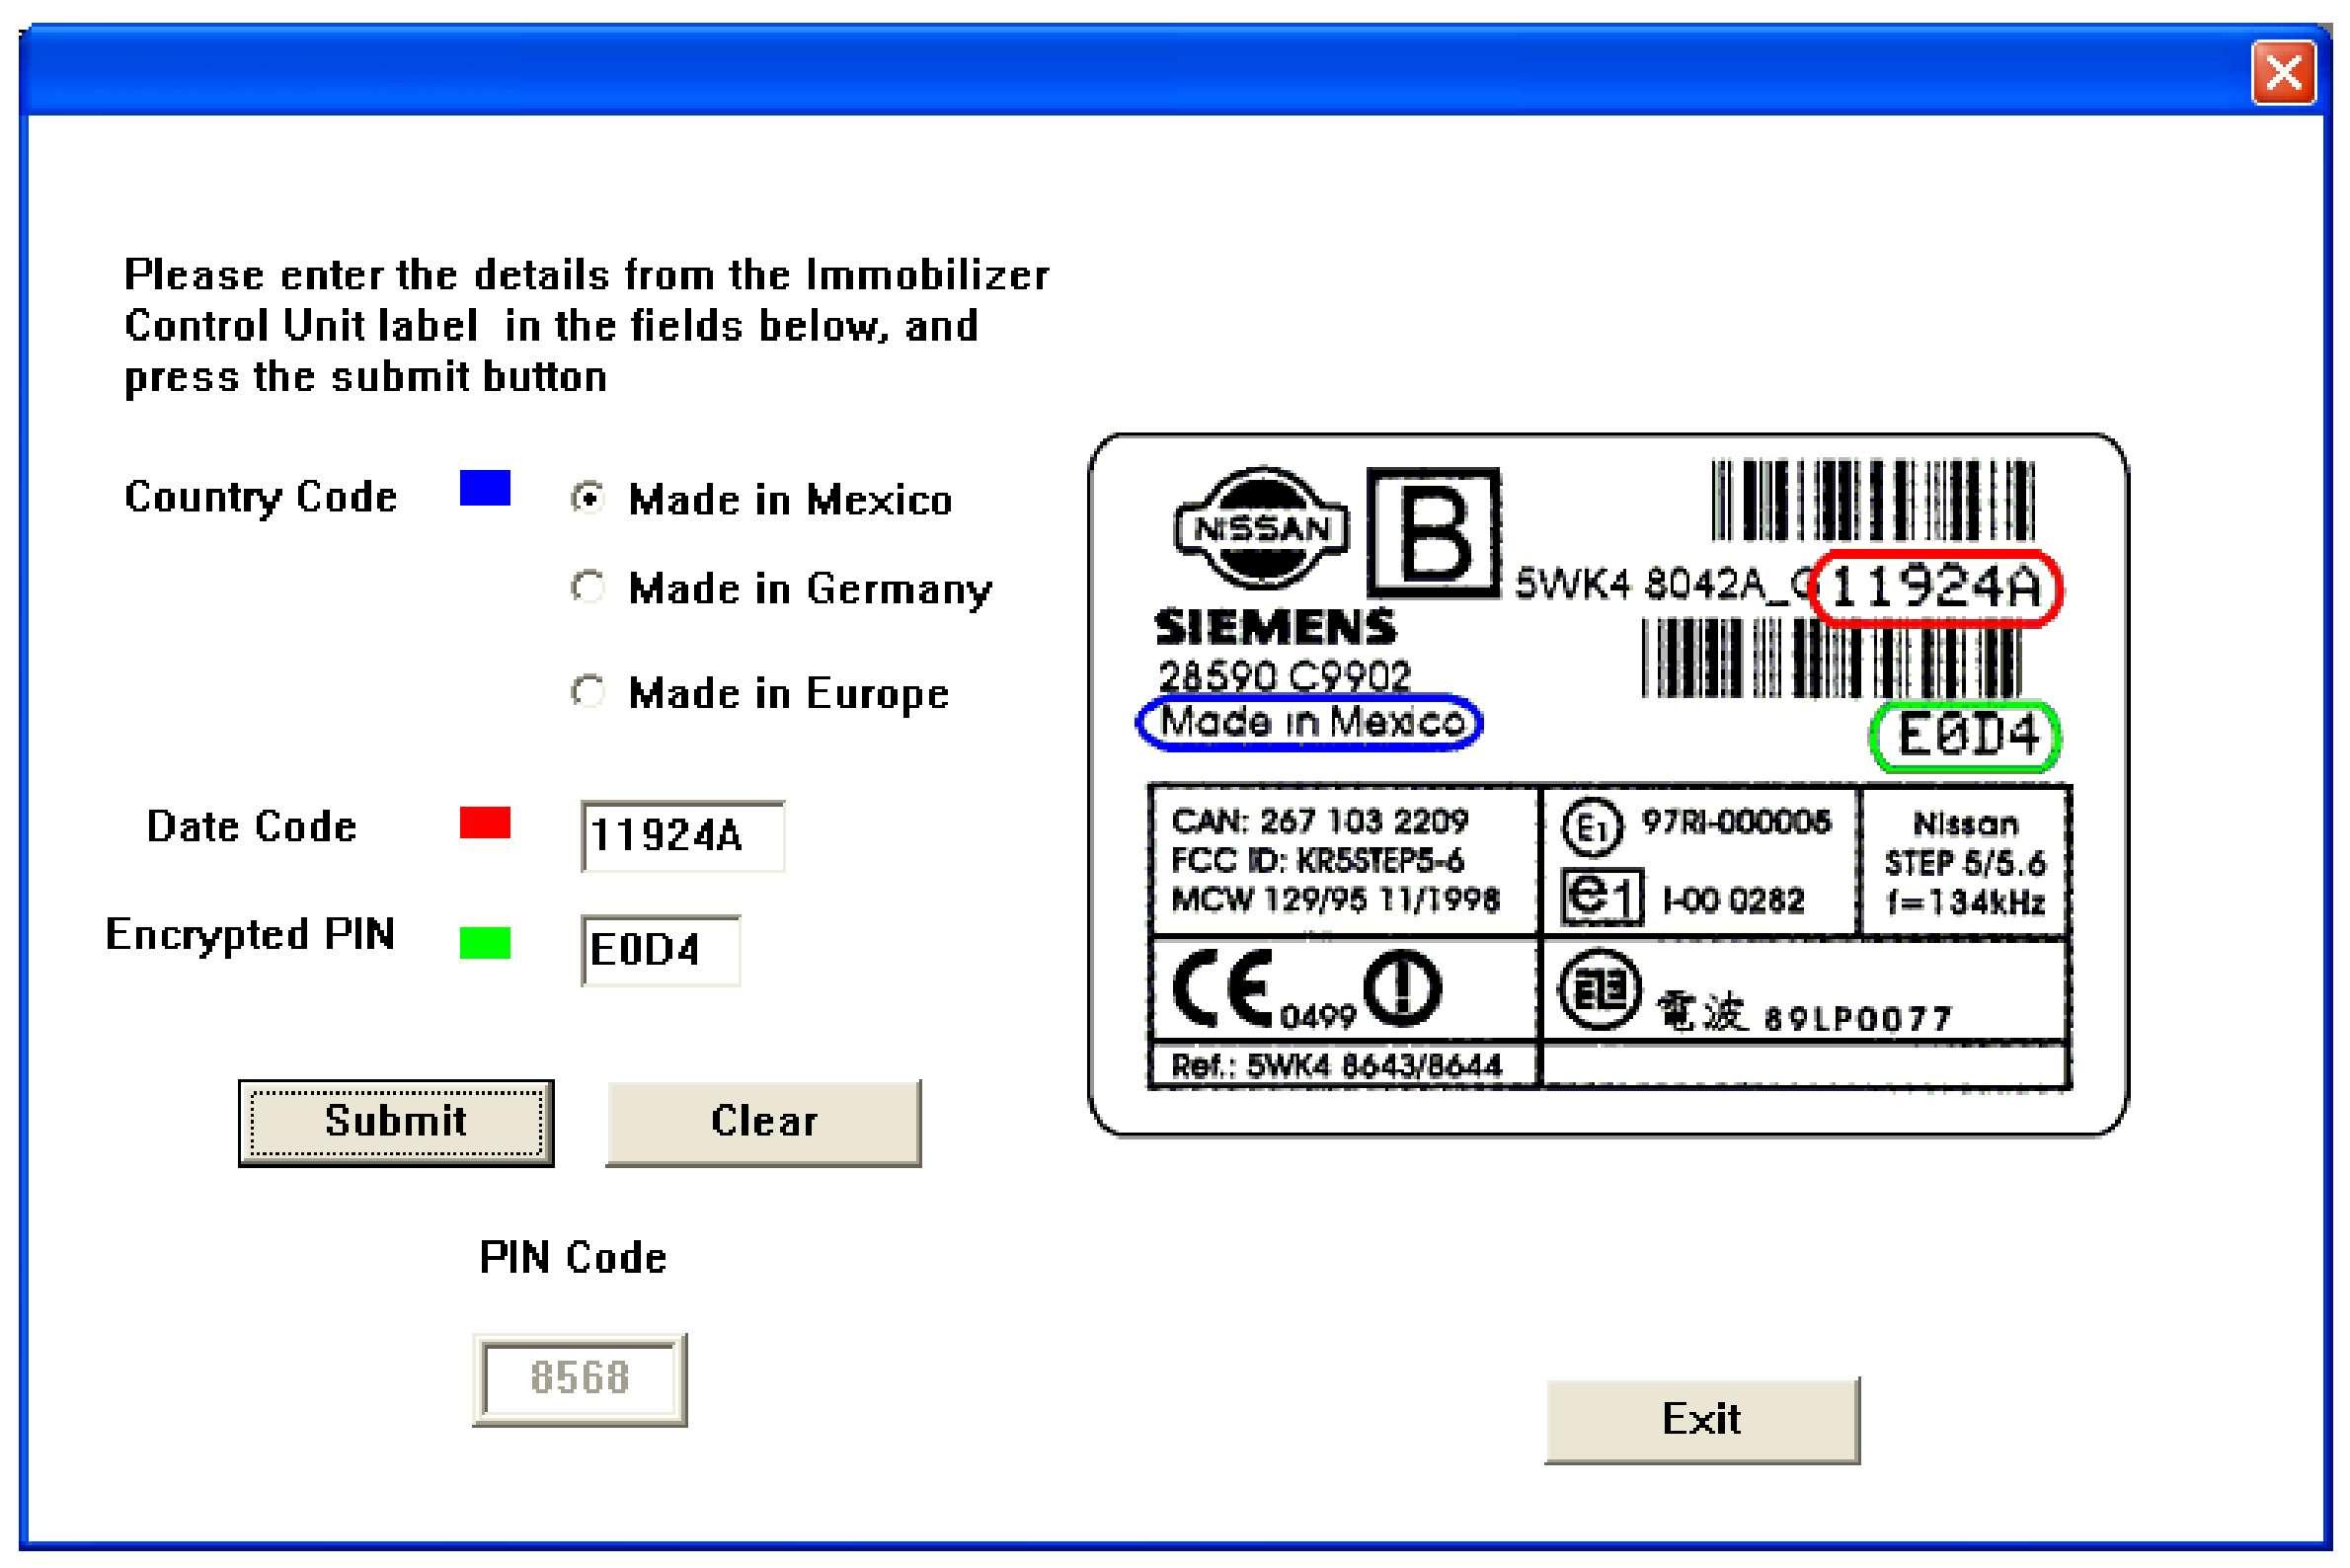 Nissan NATS pin code calculator SS-01